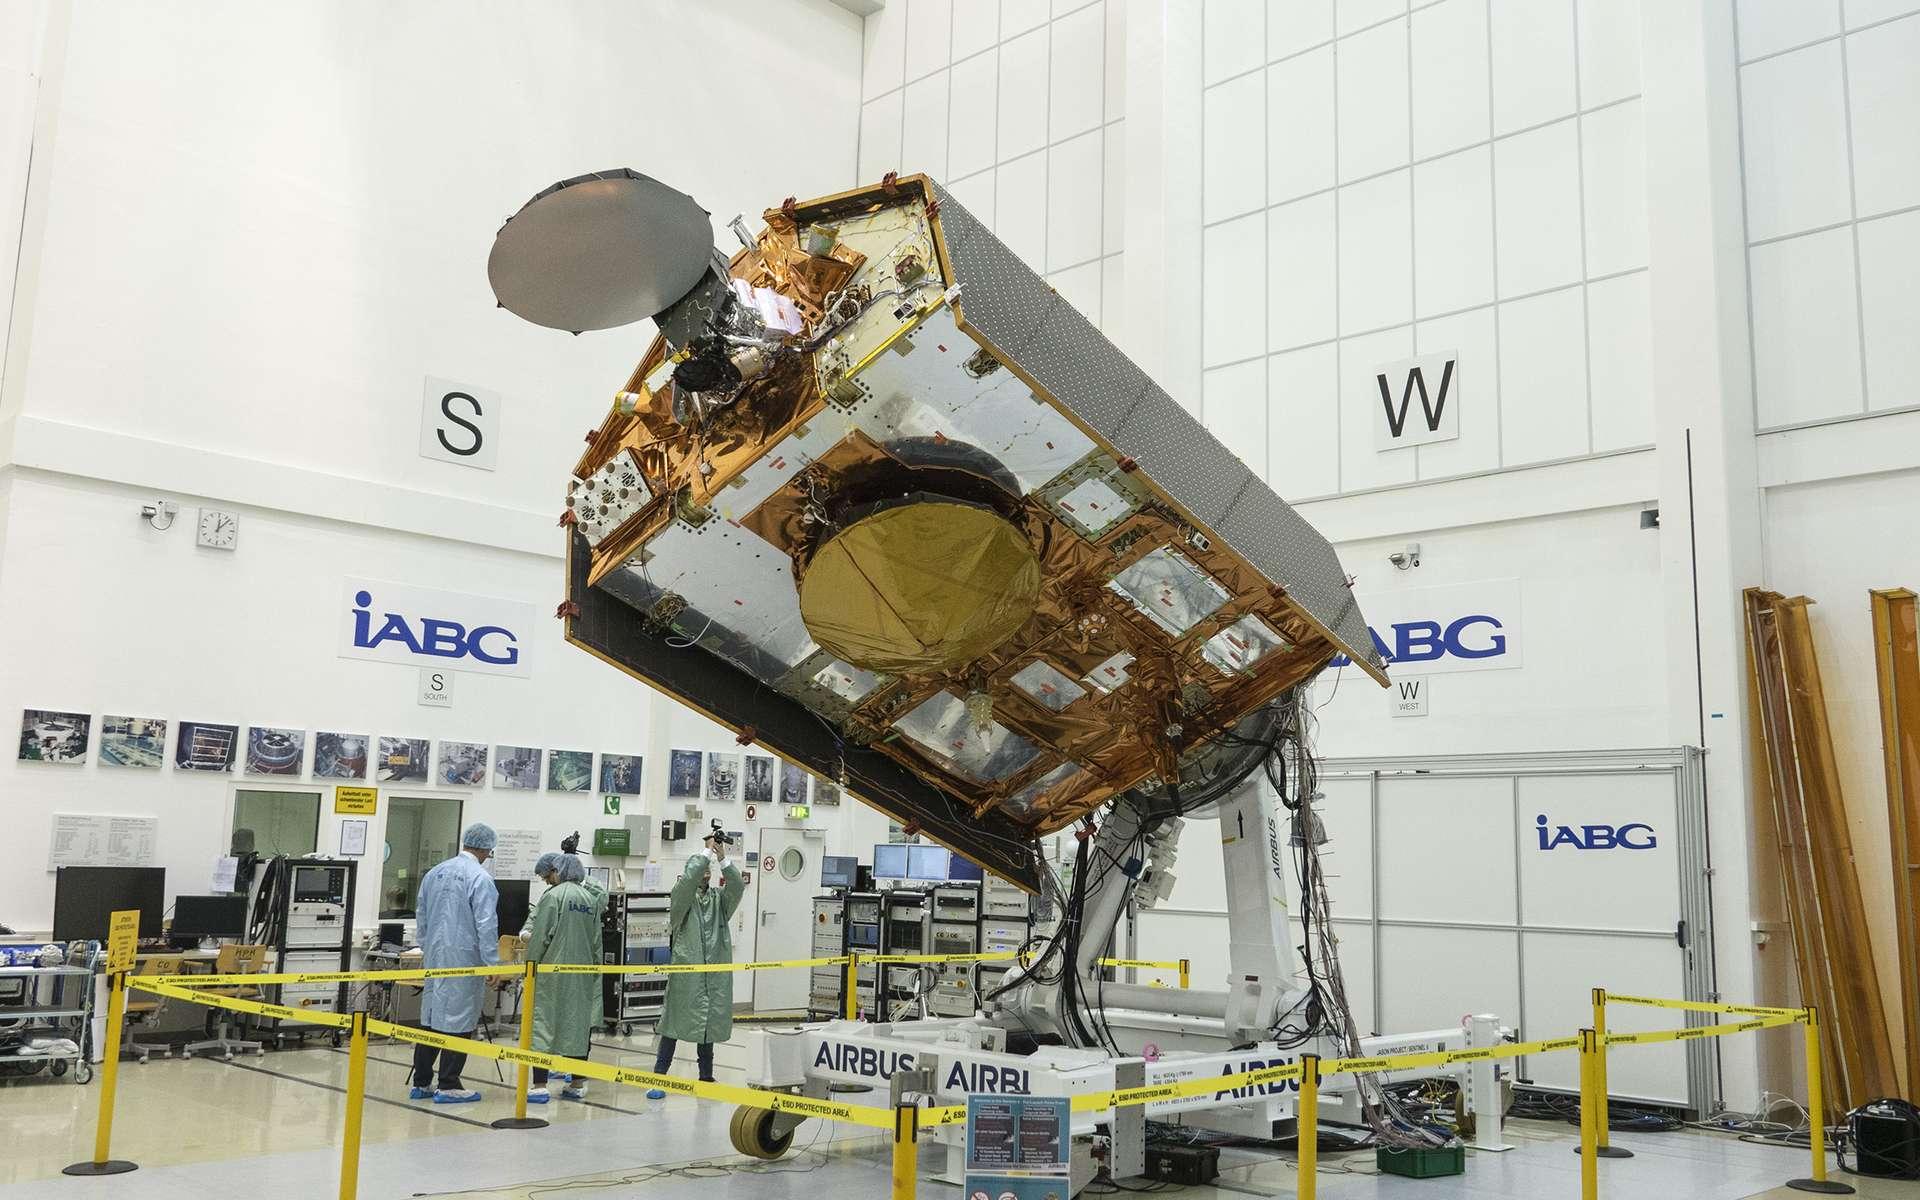 Le satellite Sentinel 6 dans les installations d'essais d'IABG en Allemagne. © Rémy Decourt